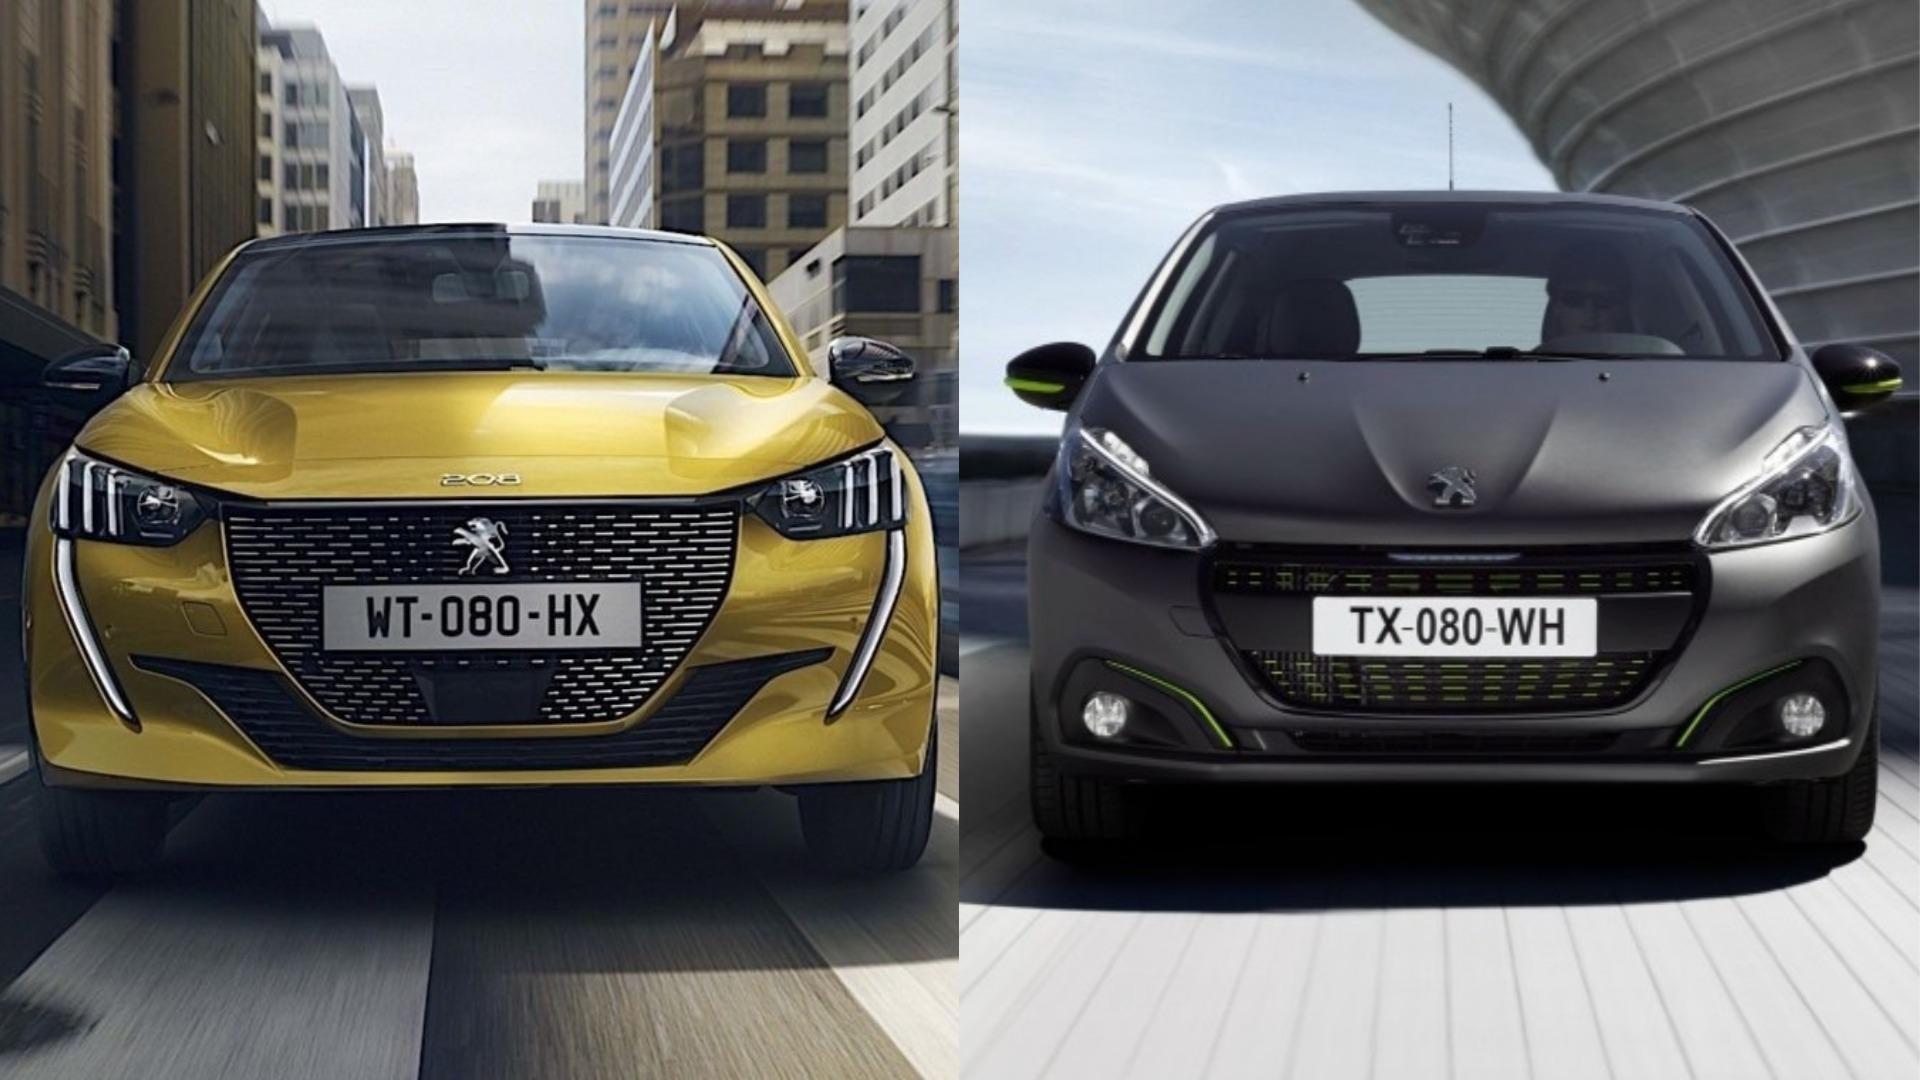 Photo Comparison 2020 Peugeot 208 Vs 2015 Peugeot 208 Autoevolution